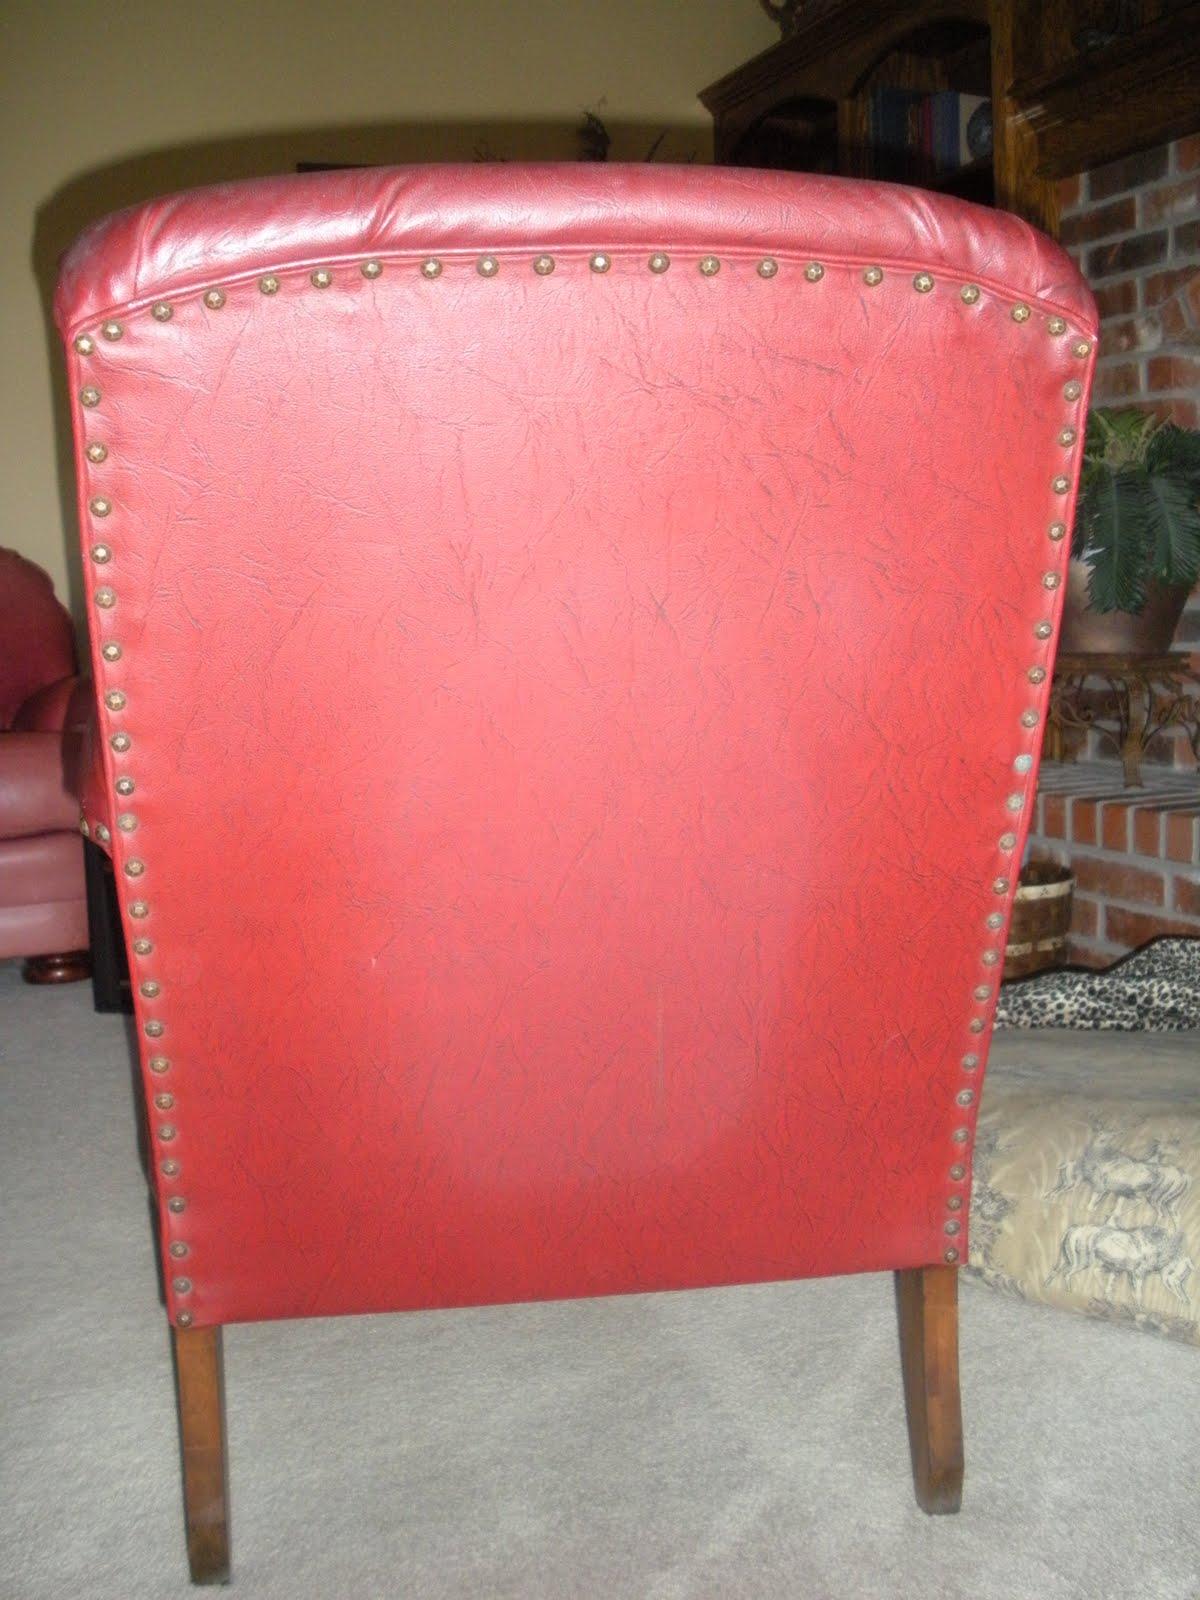 Chair redo taking apart